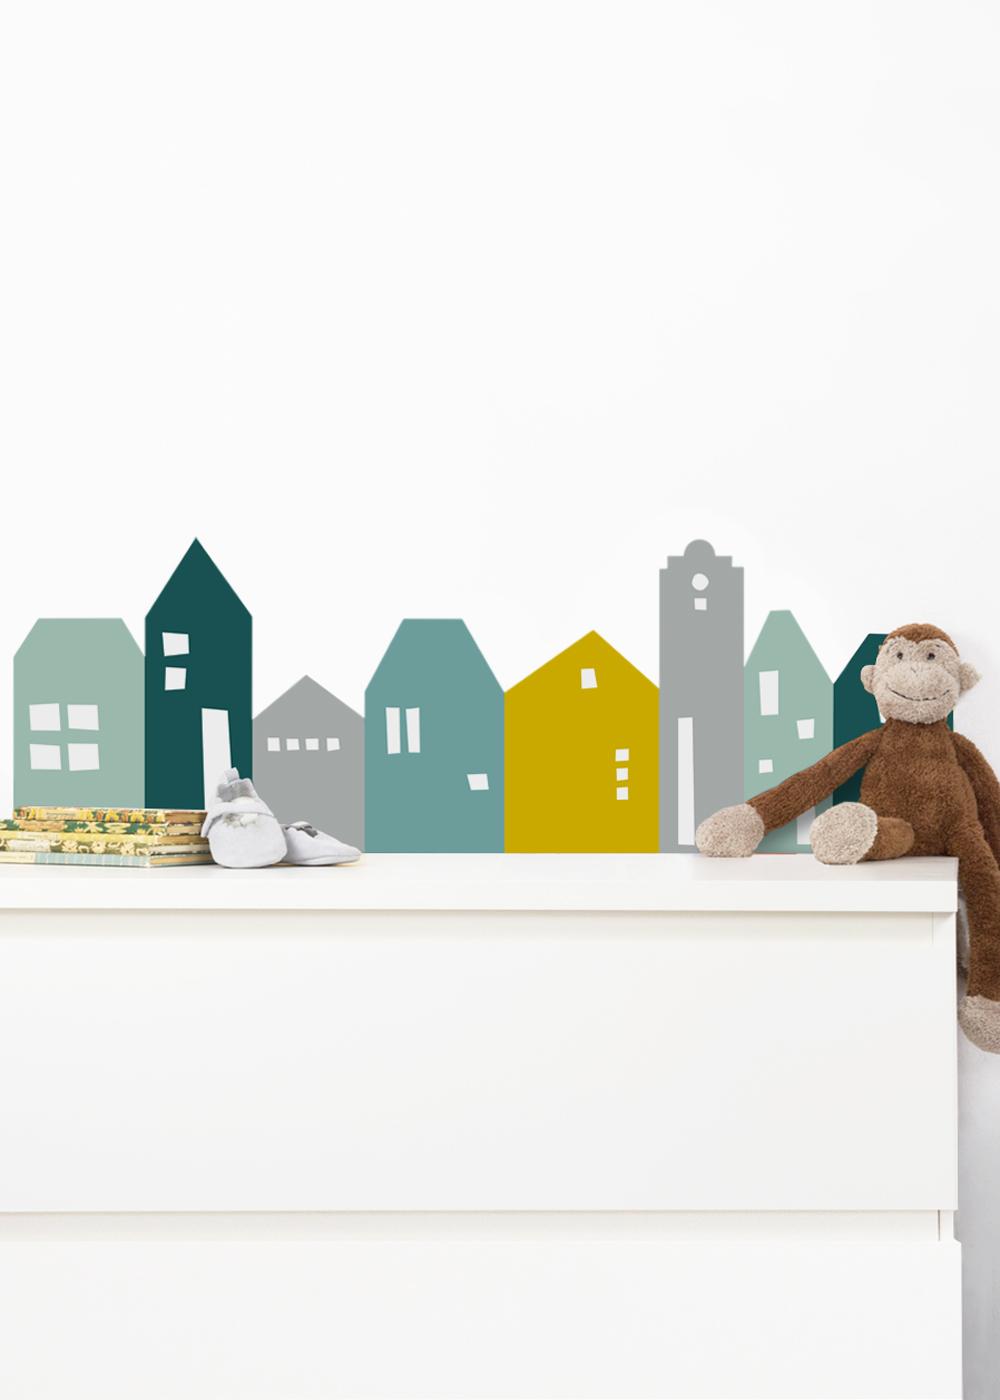 Ikea Mansarp Bilderleiste Lille Hus Mint Waldgrün Gesamtansicht